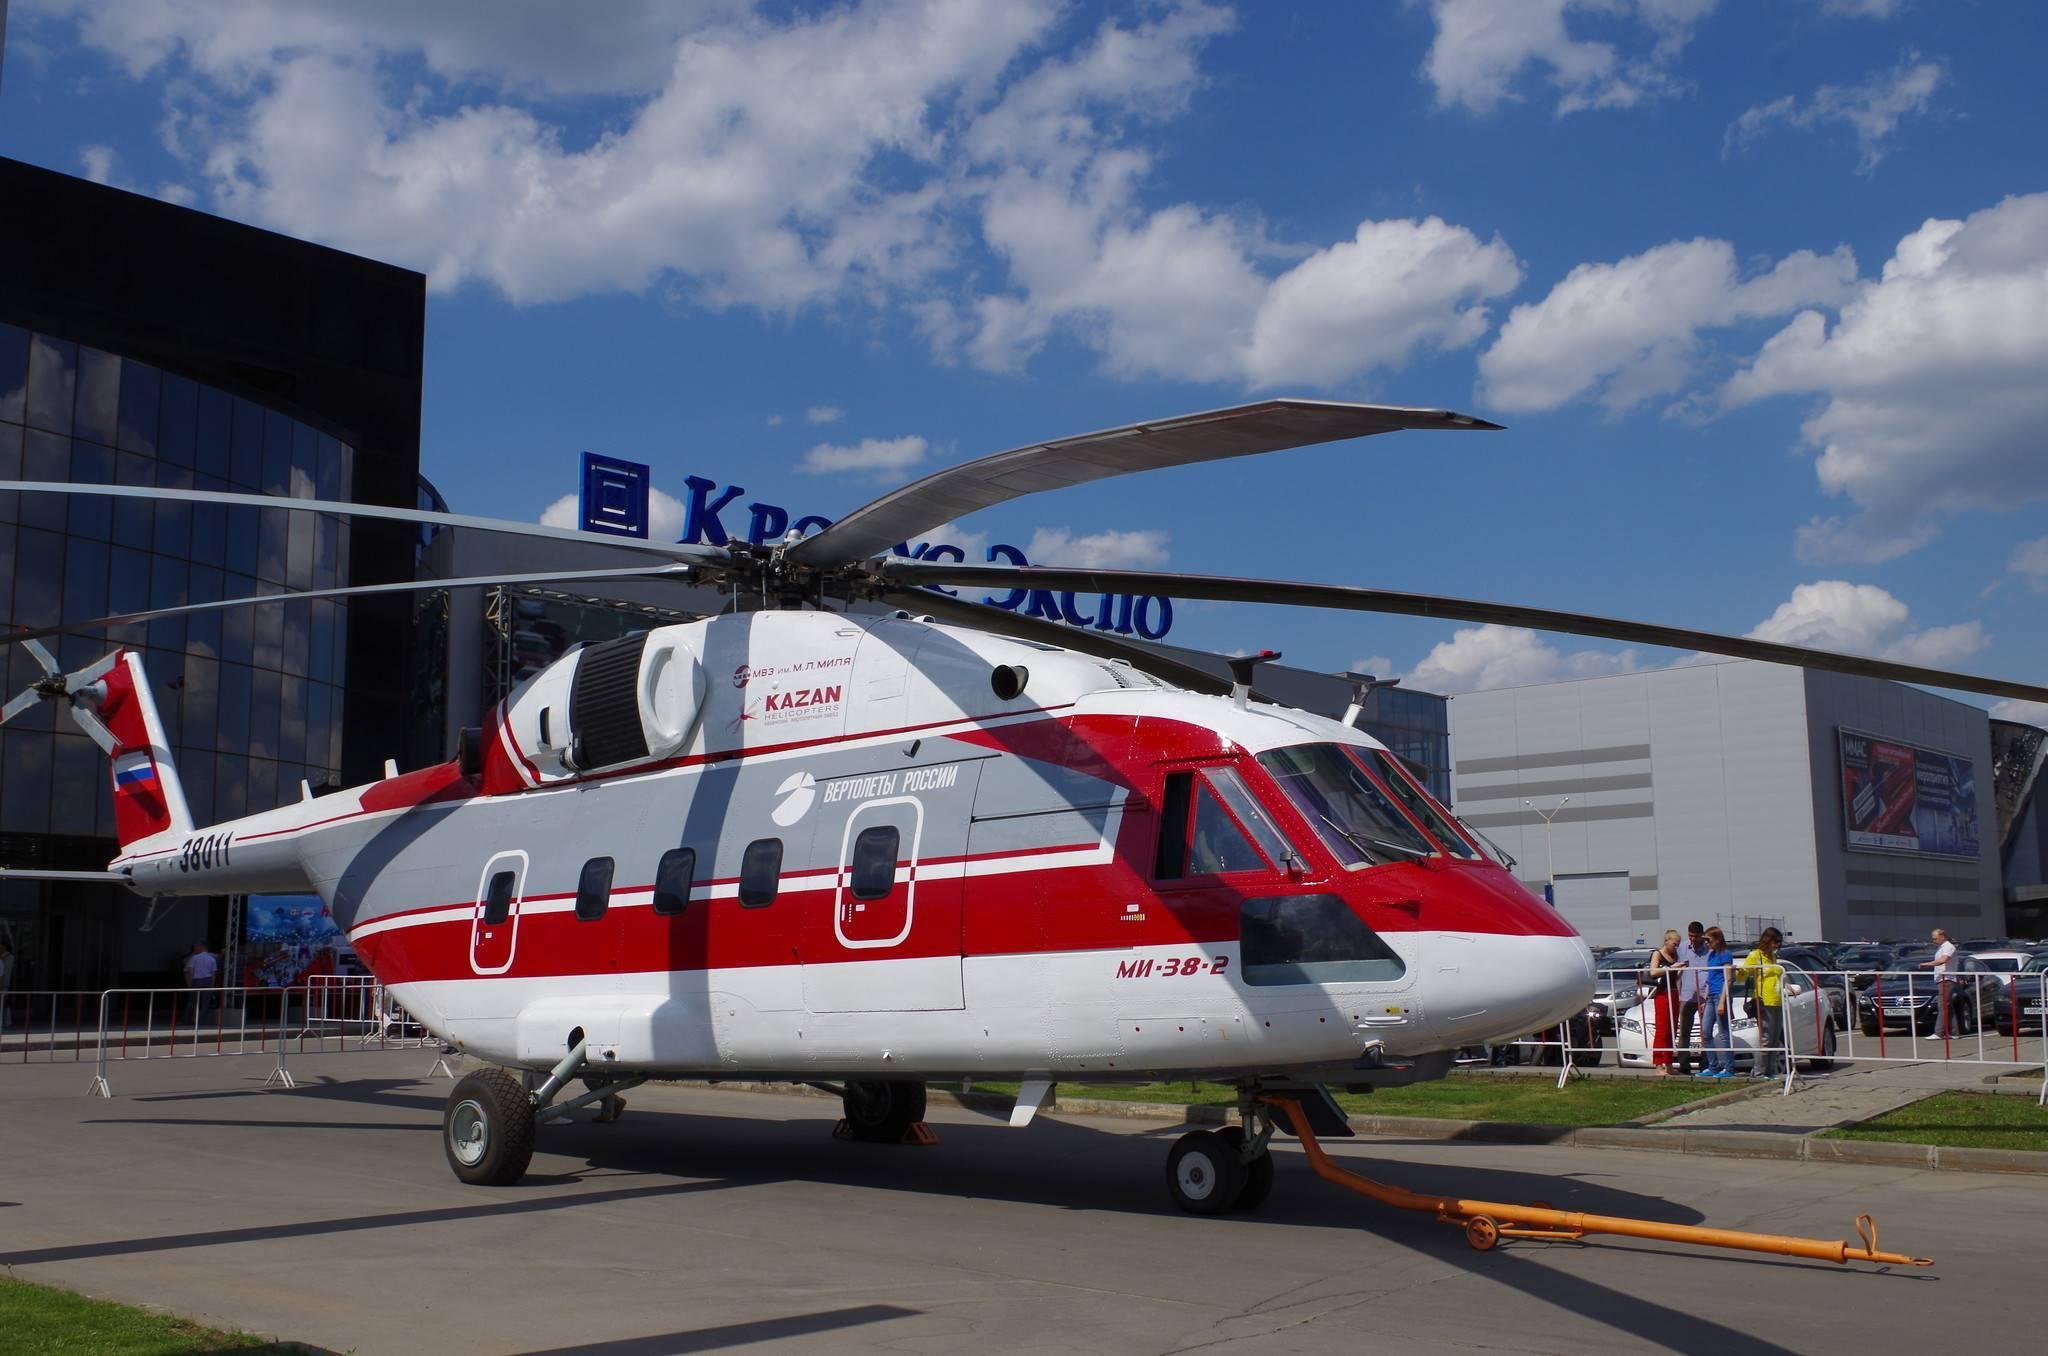 Вертолет ми-1. история создания. первый полет. боевое применение. характеристики. фото. видео.